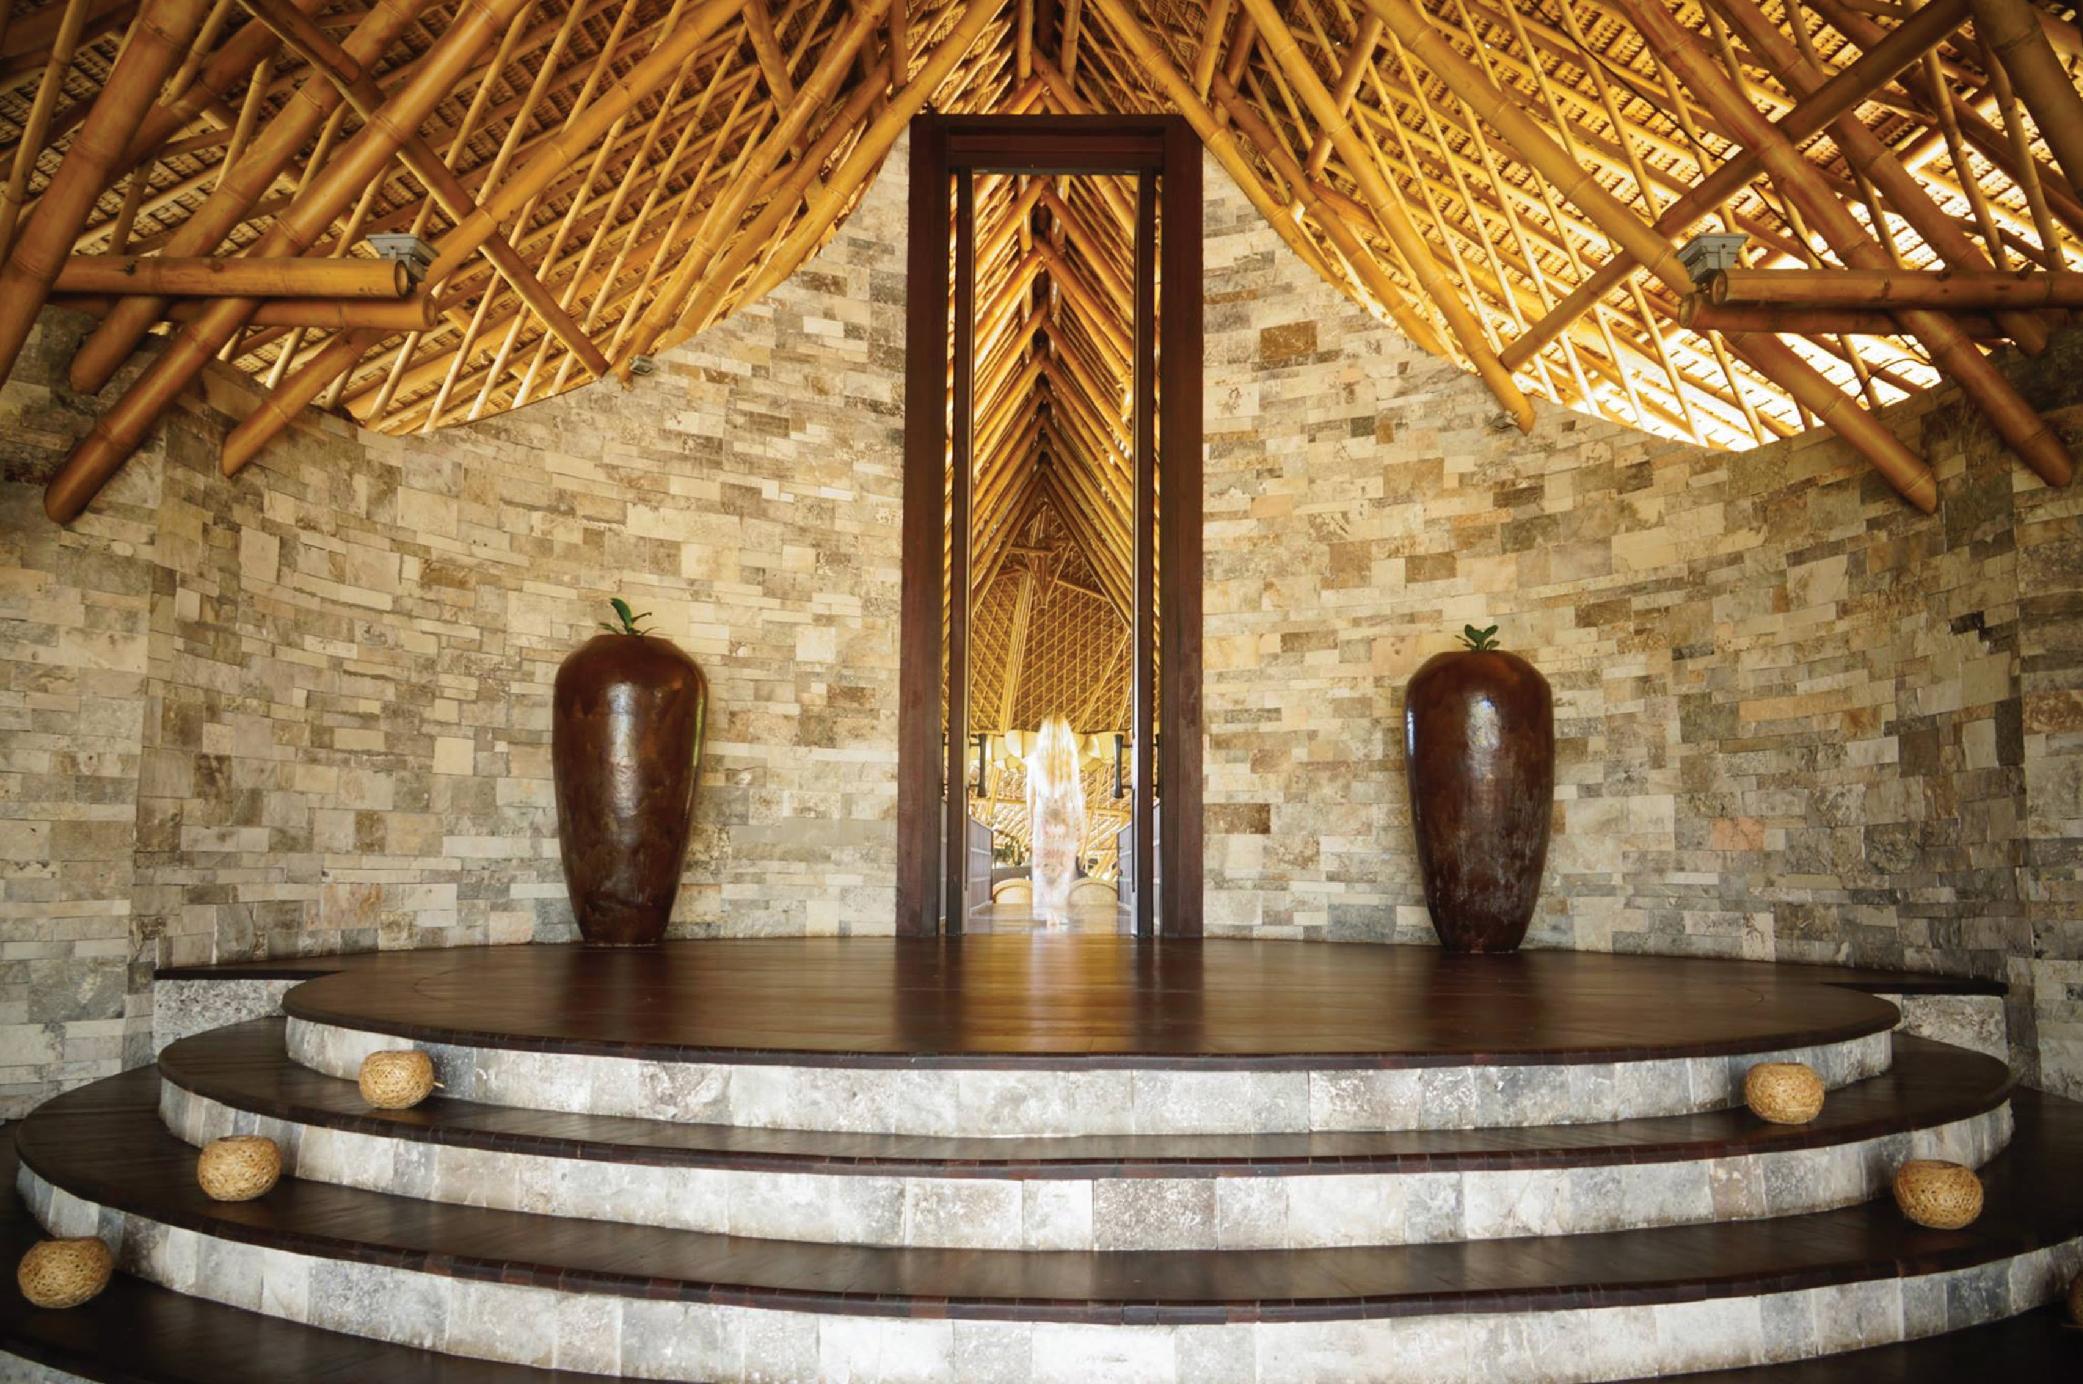 Autentika, stilius, harmonija, įspūdinga architektūra ir nepriekaištingas interjero dizainas